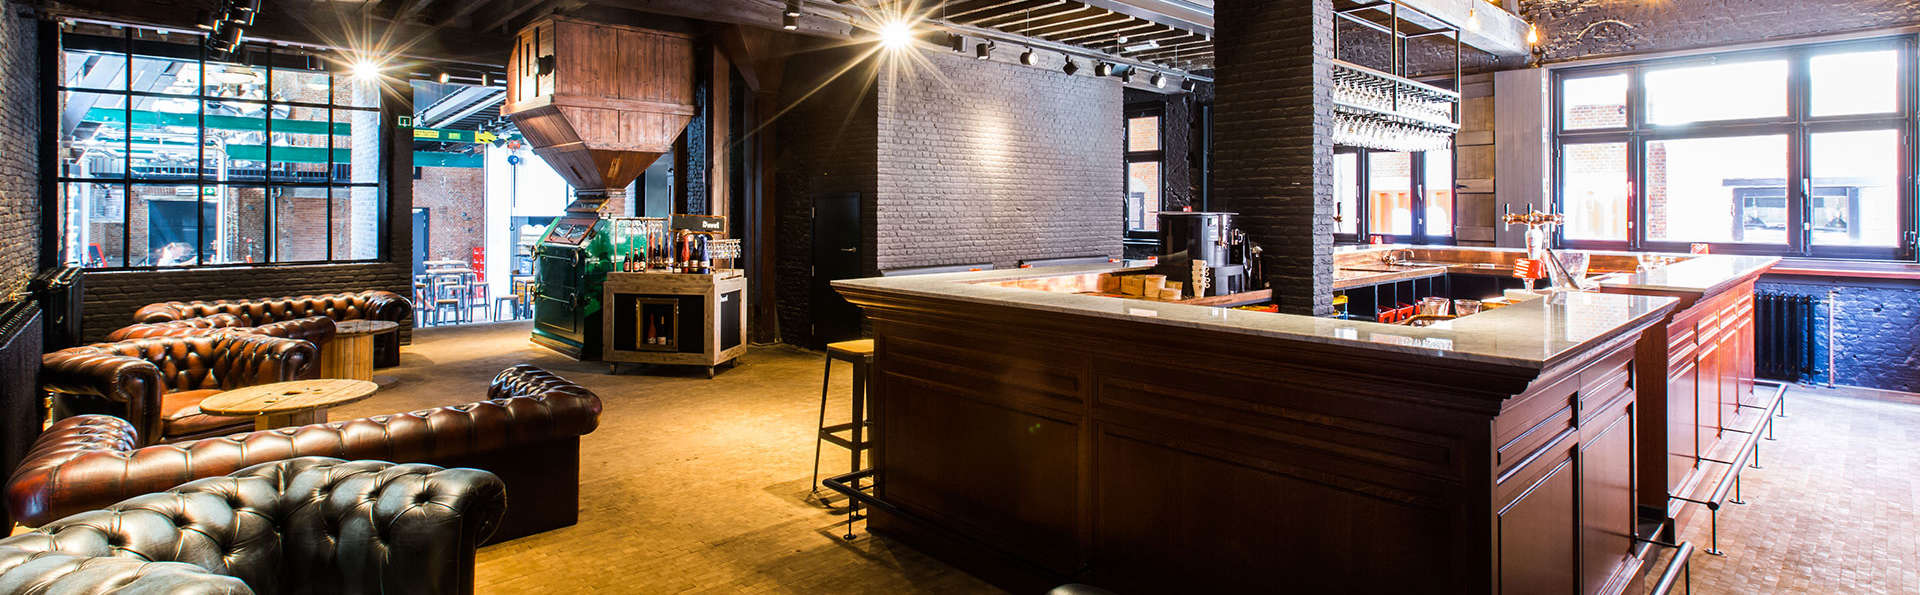 Découvrez Anvers et visitez la brasserie De Koninck